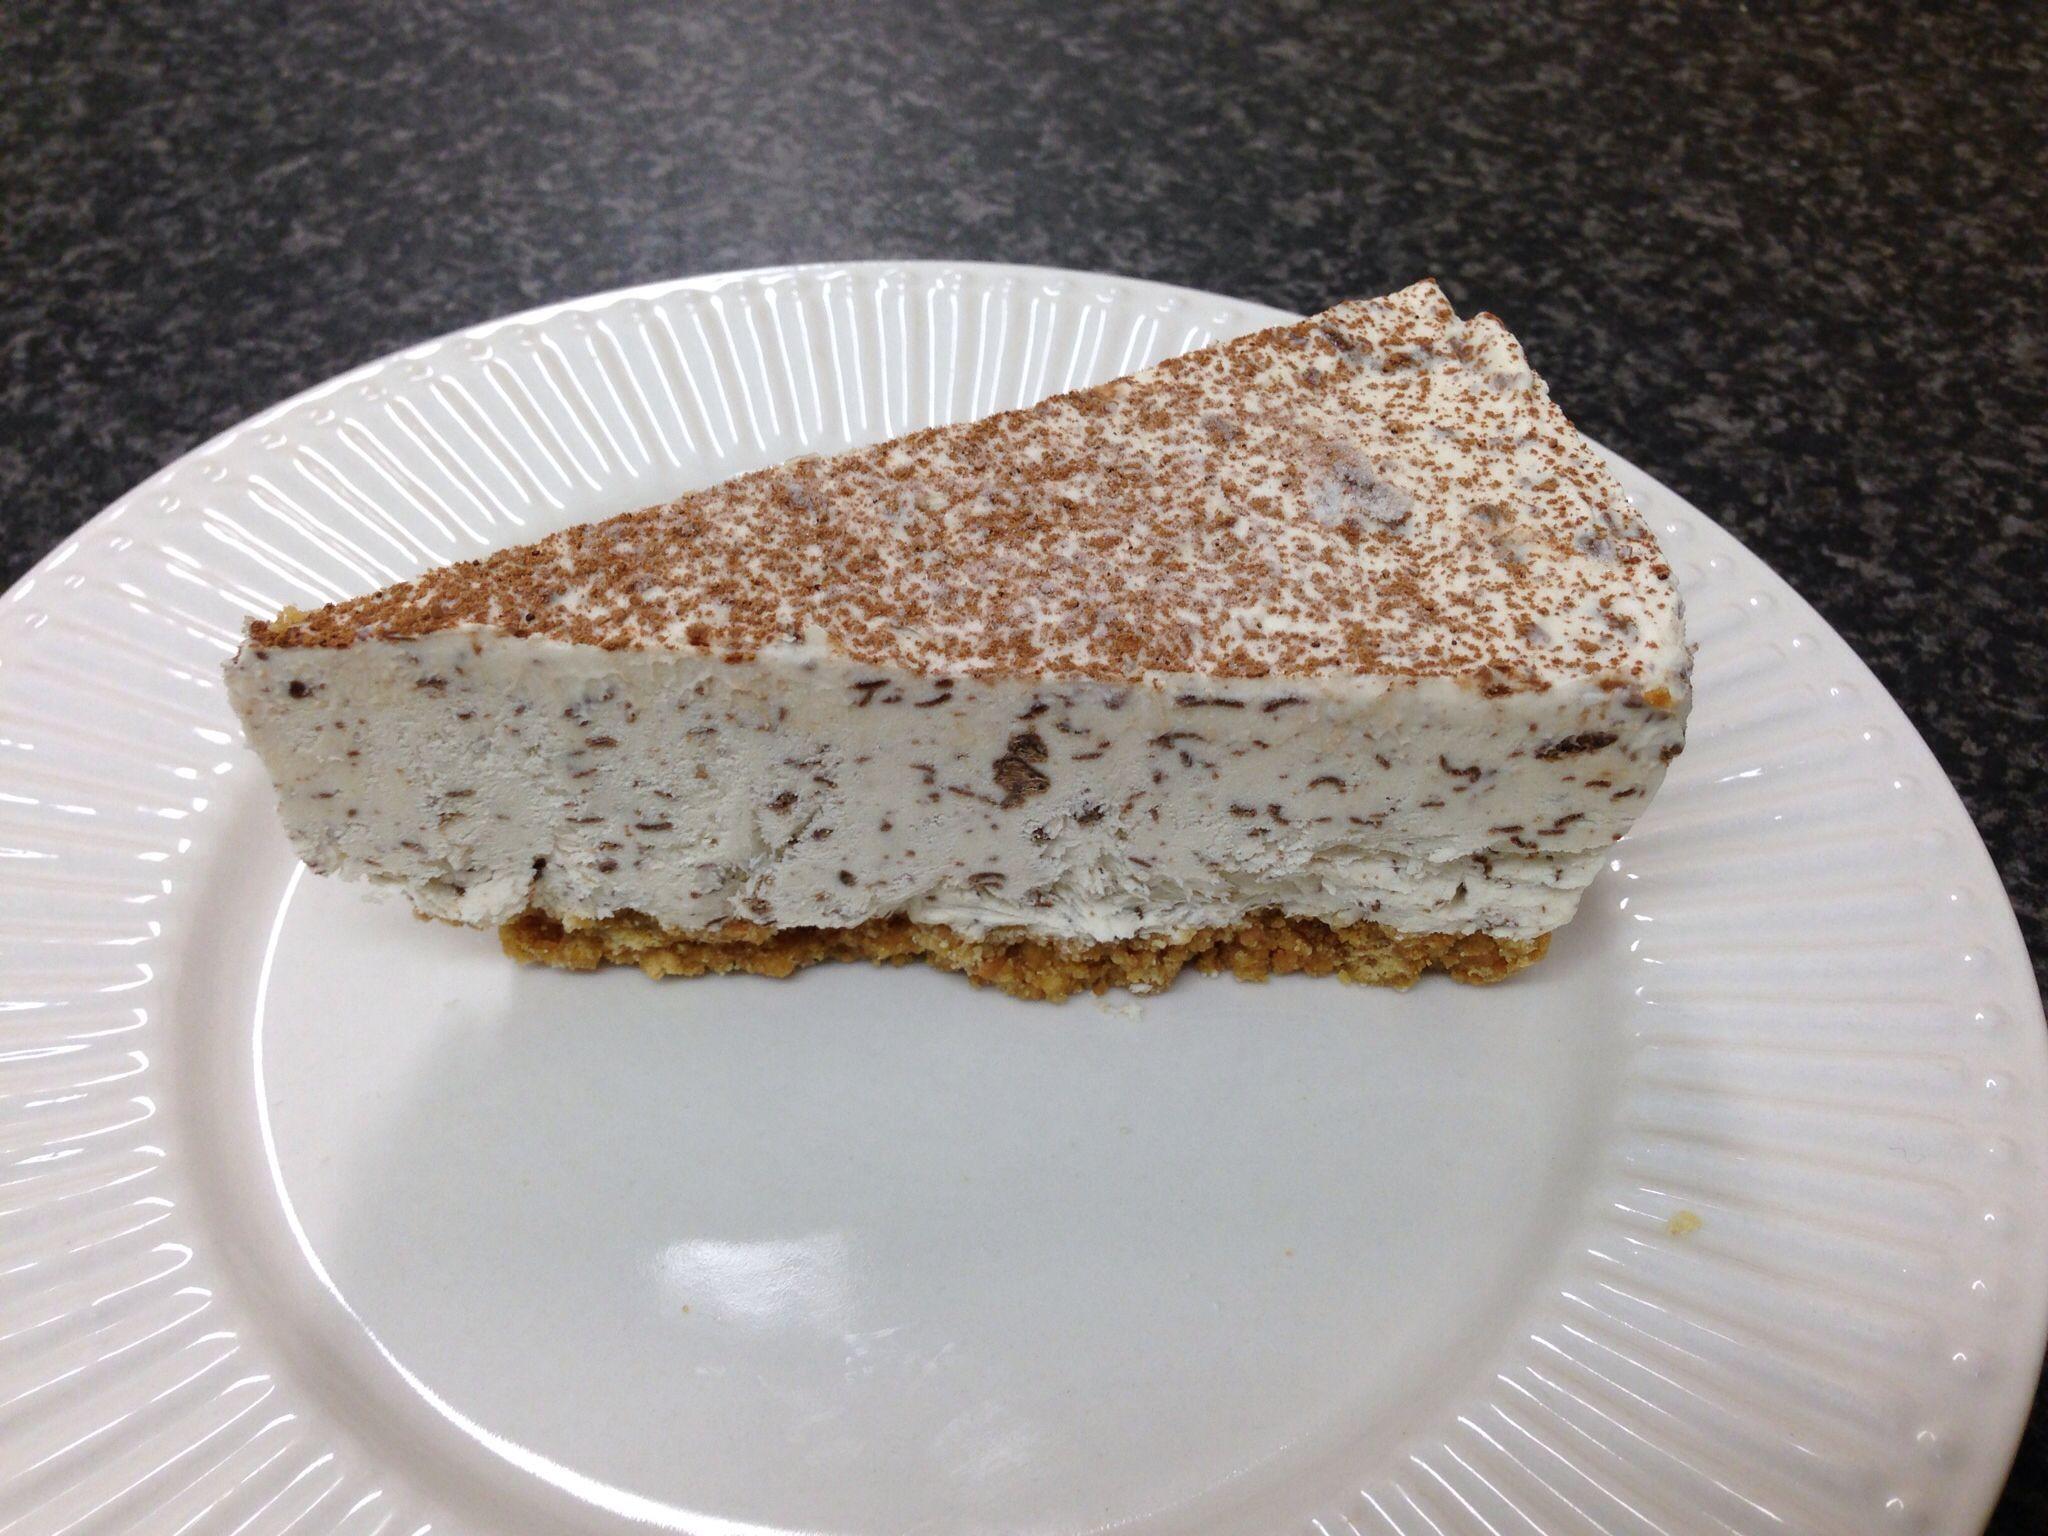 Irish Cream and mint cheesecake